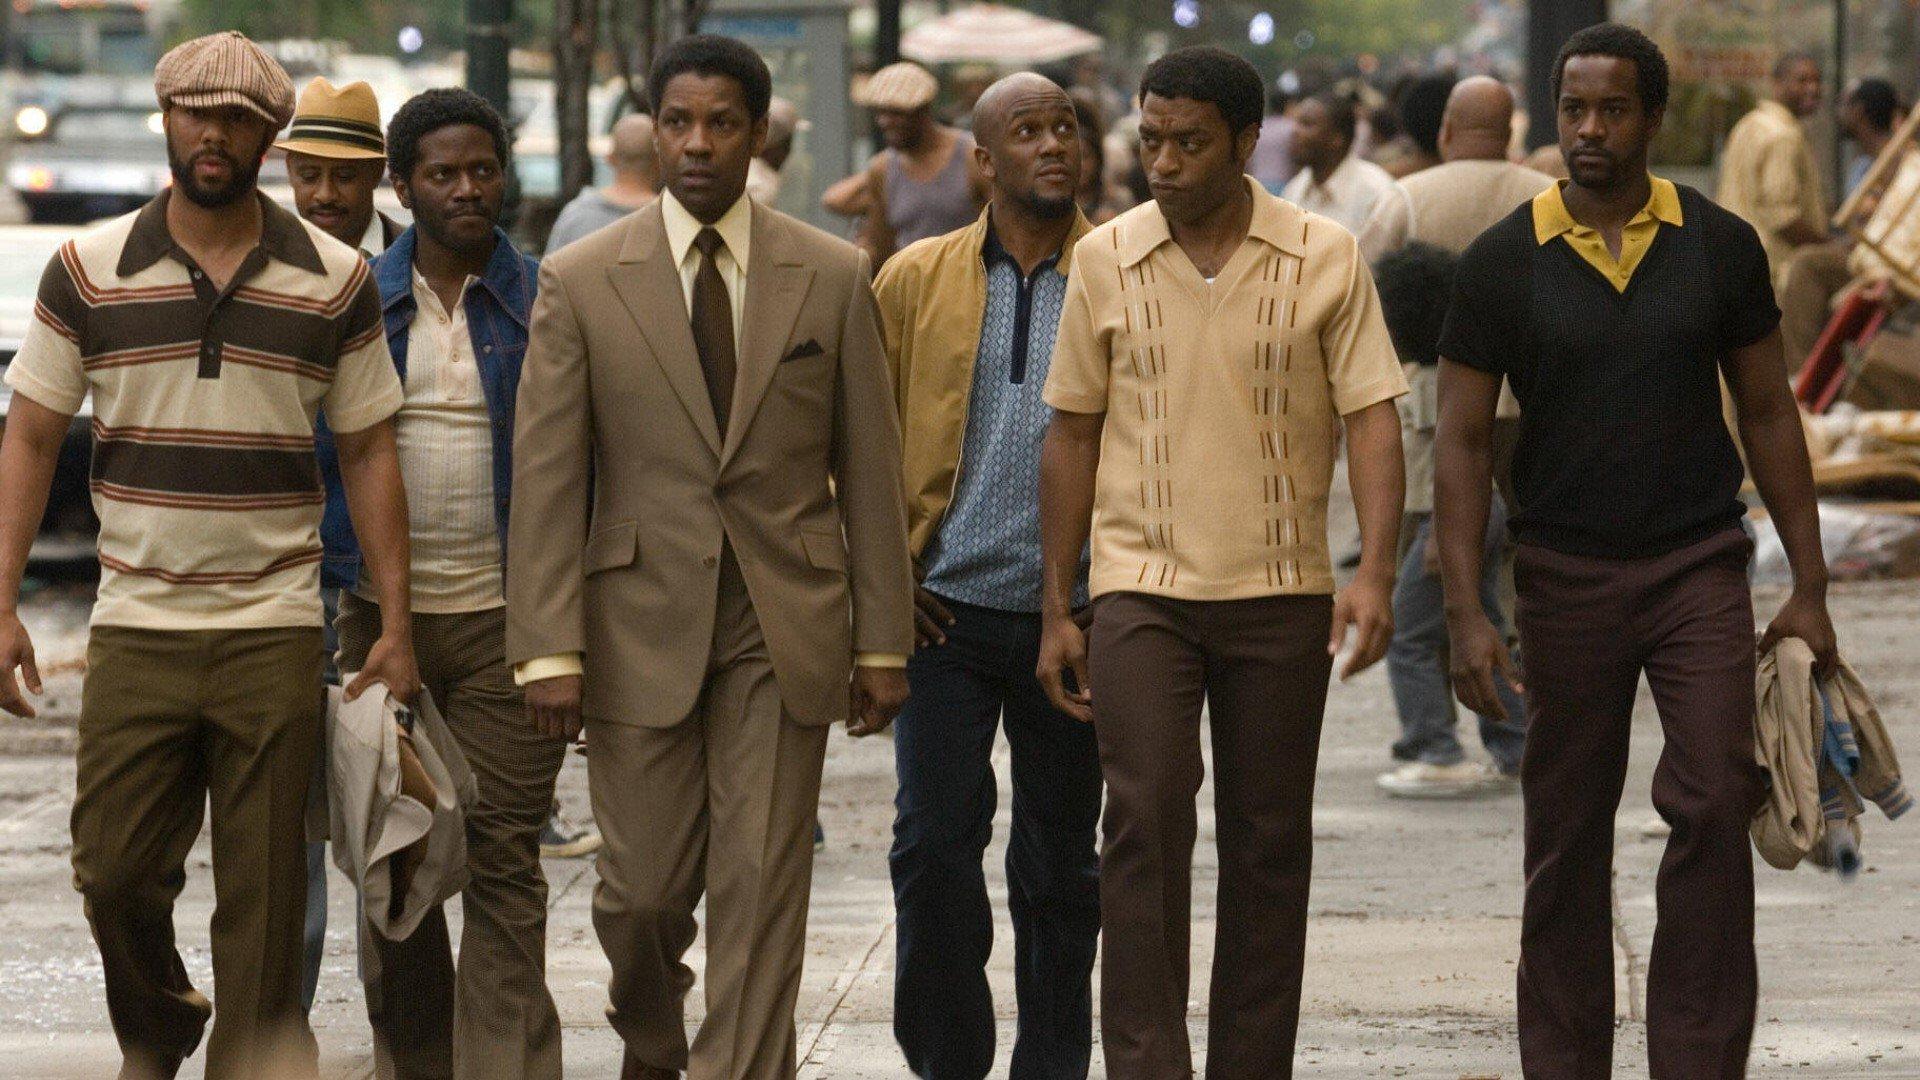 Film önerileri - İşvereninin ve akıl hocası Bumpy Johnson'ın ölümünün ardından Frank Lucas, kendisini Manhattan'ın Harlem bölgesinde bir numaralı eroin ithalatçısı olarak görüyor.